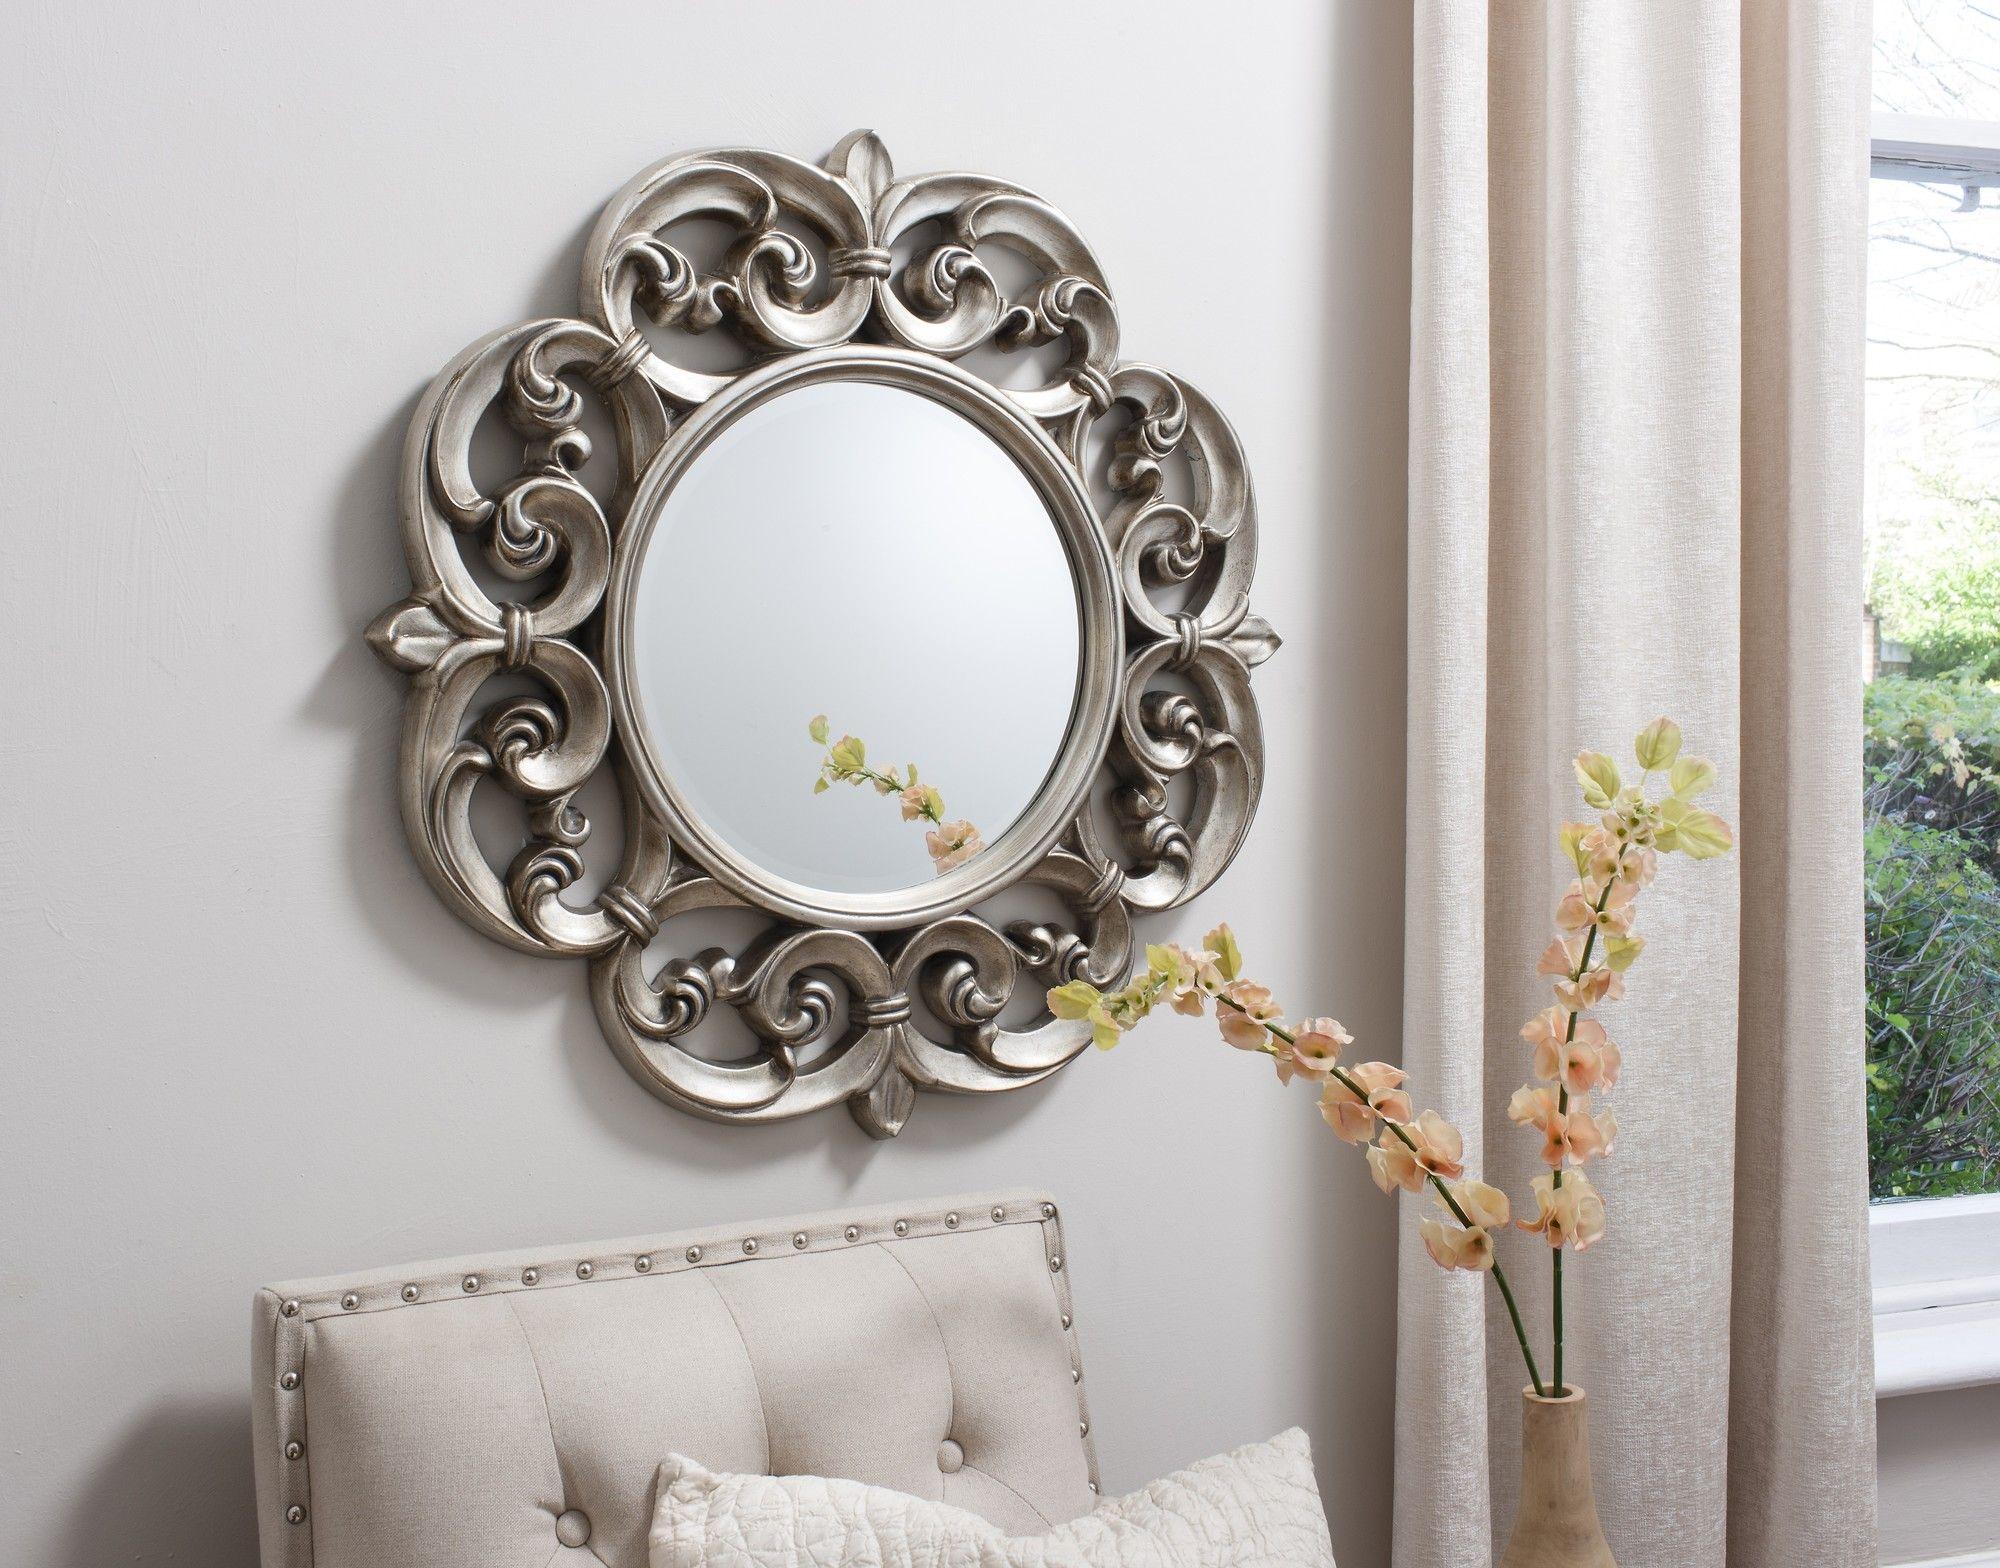 Gallery Westfield Wall Mirror Reviews Wayfair Uk Mirror Wall Mirror Full Length Mirror Wall